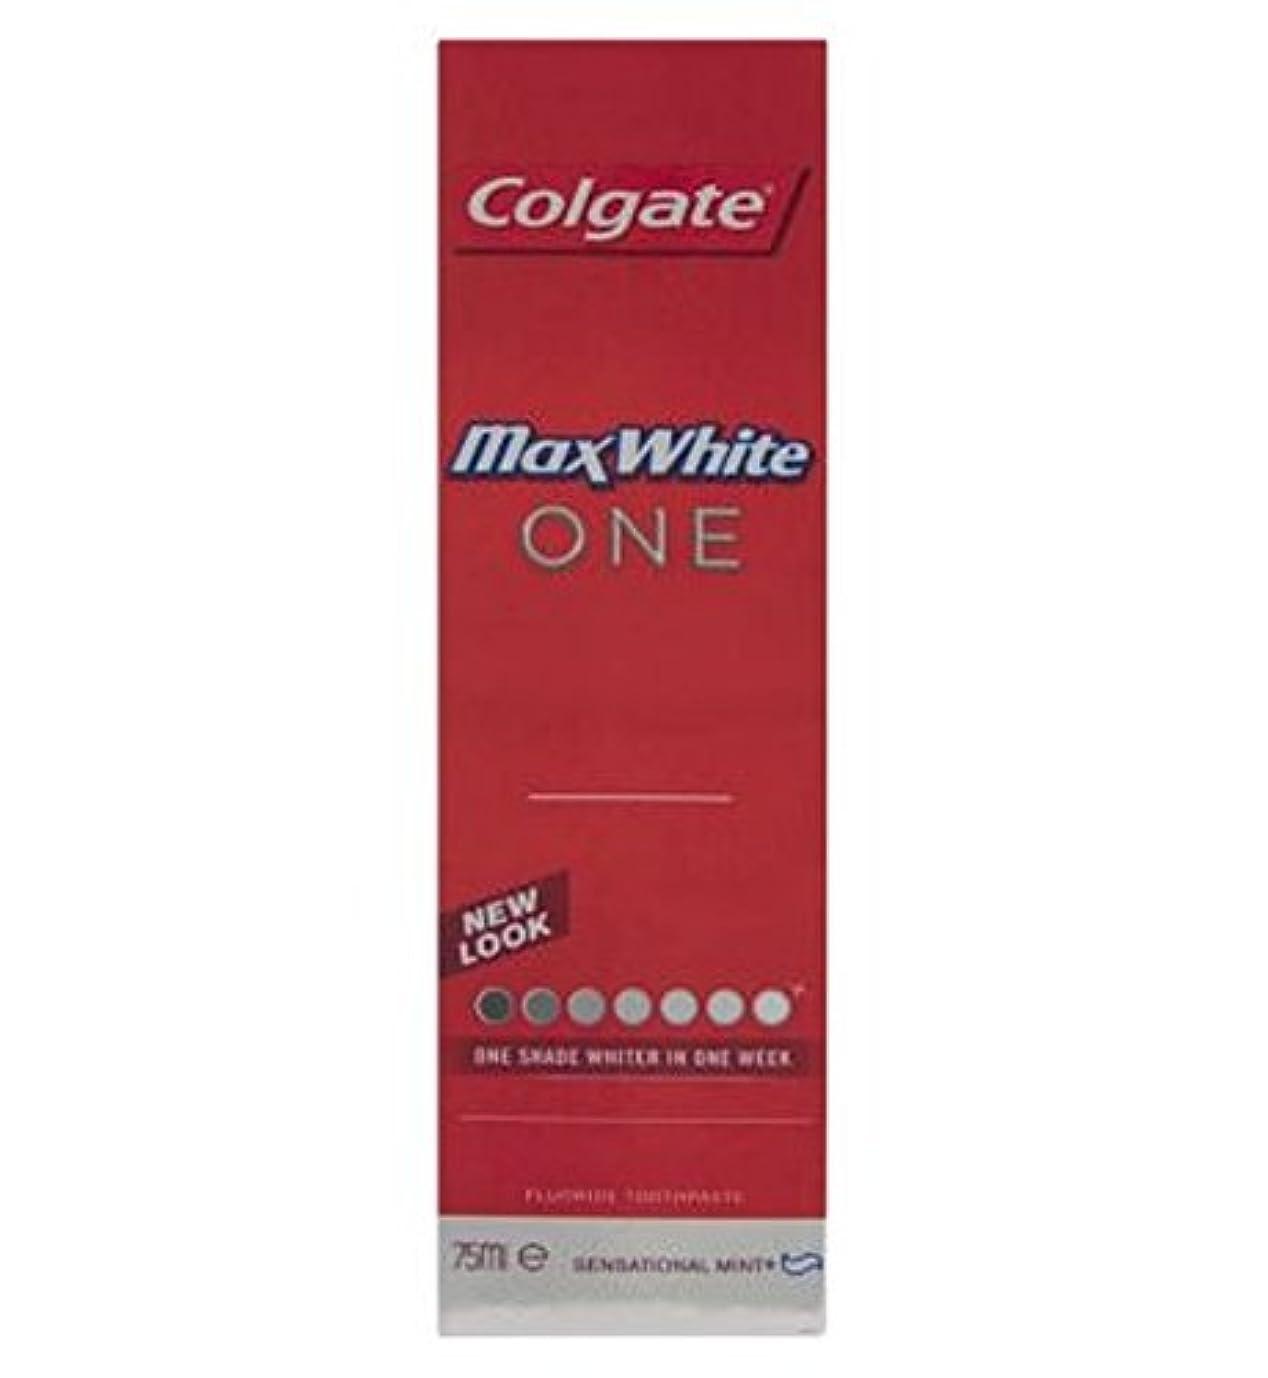 霧注釈圧縮コルゲートマックスホワイト1新鮮な歯磨き粉75ミリリットル (Colgate) (x2) - Colgate Max White One Fresh toothpaste 75ml (Pack of 2) [並行輸入品]